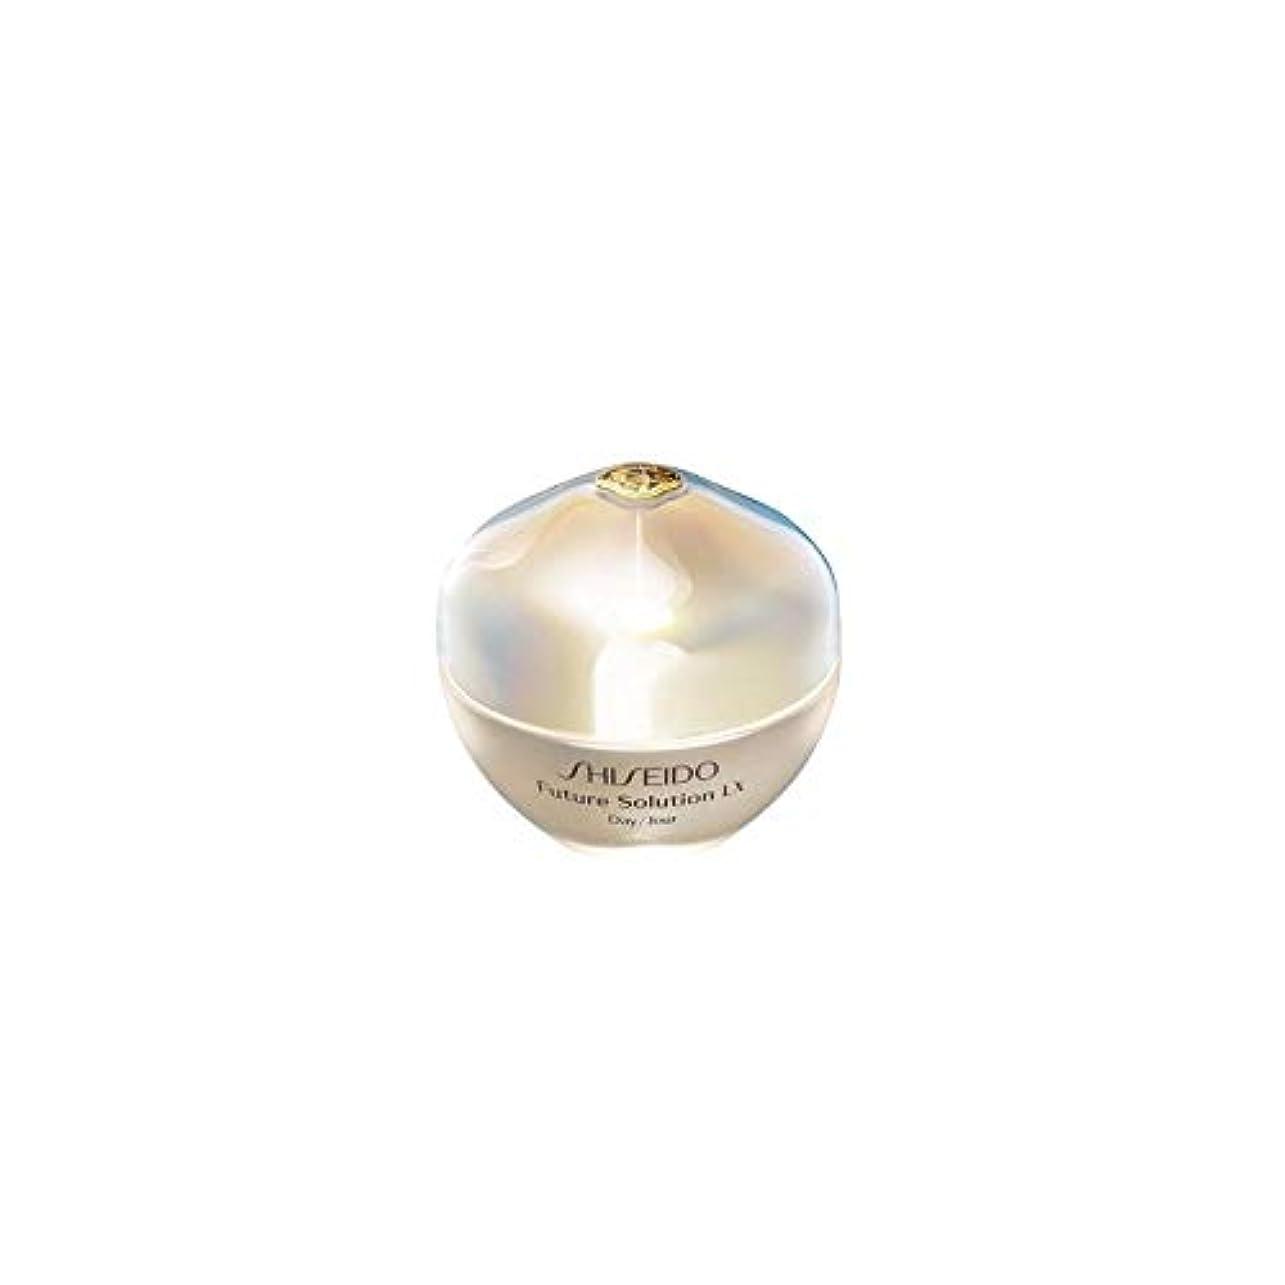 タンパク質温度太鼓腹[Shiseido] 資生堂Sfs Lx合計保護クリーム(50Ml)中 - Shiseido Sfs Lx Total Protective Cream (50ml) [並行輸入品]